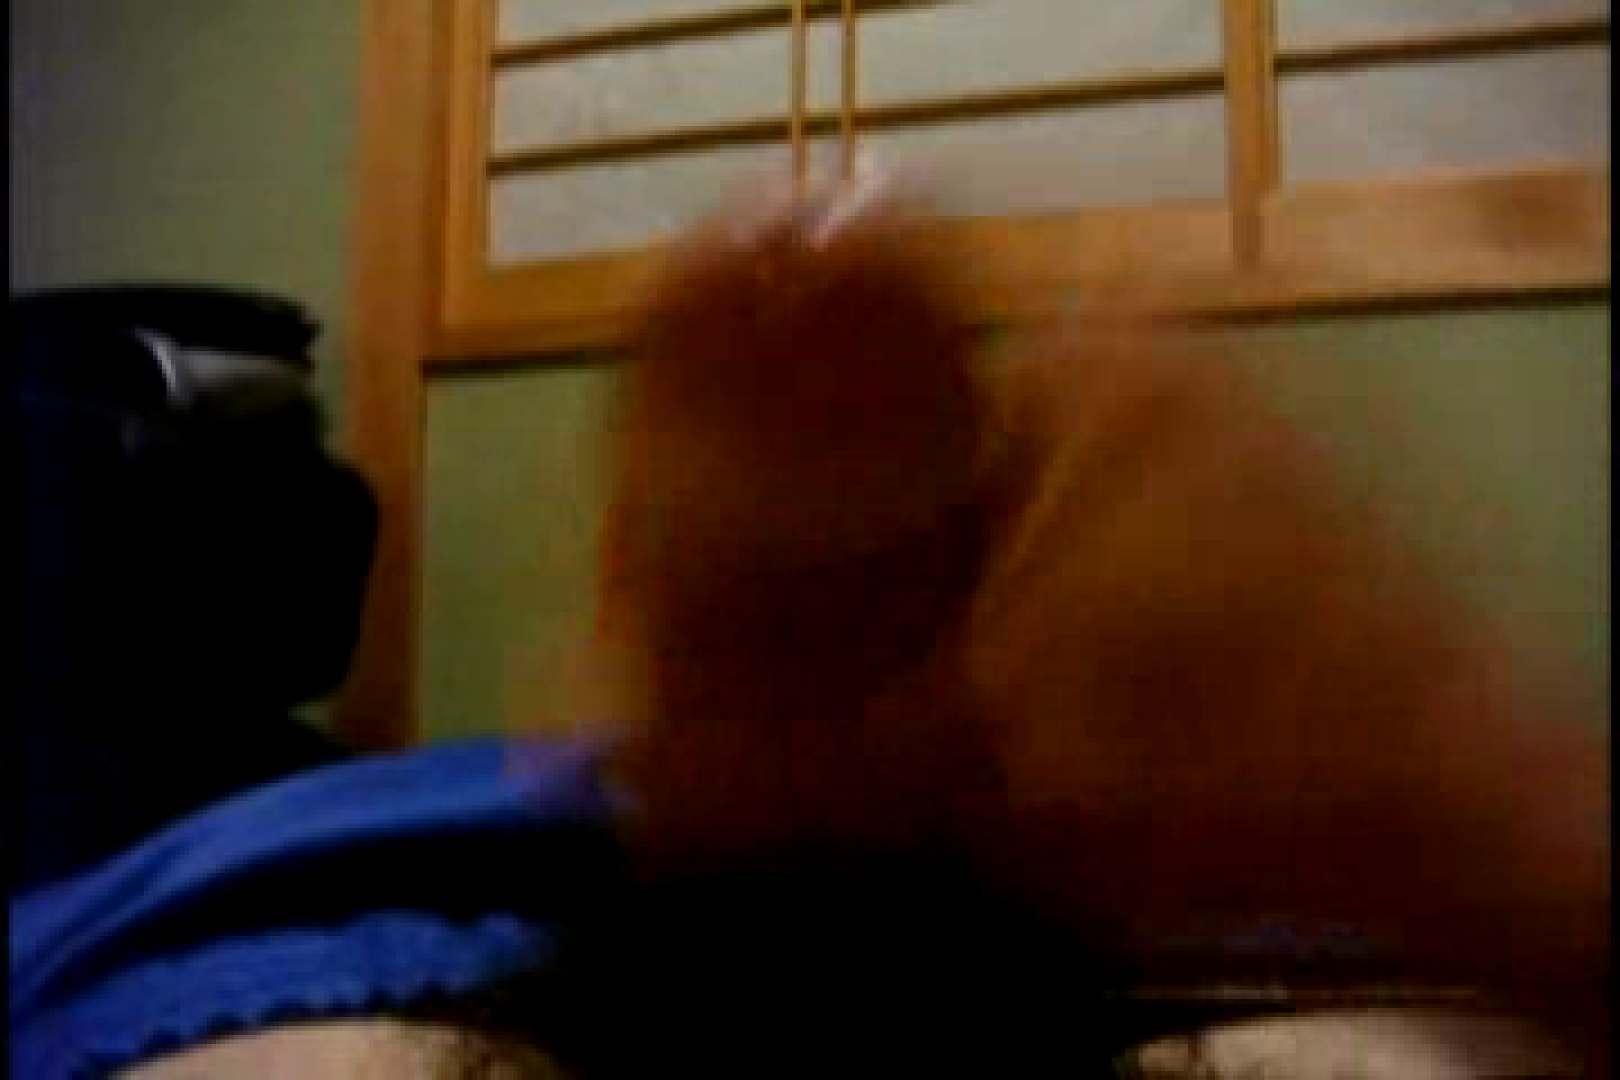 オナ好きノンケテニス部員の自画撮り投稿vol.02 射精 GAY無修正エロ動画 76枚 29